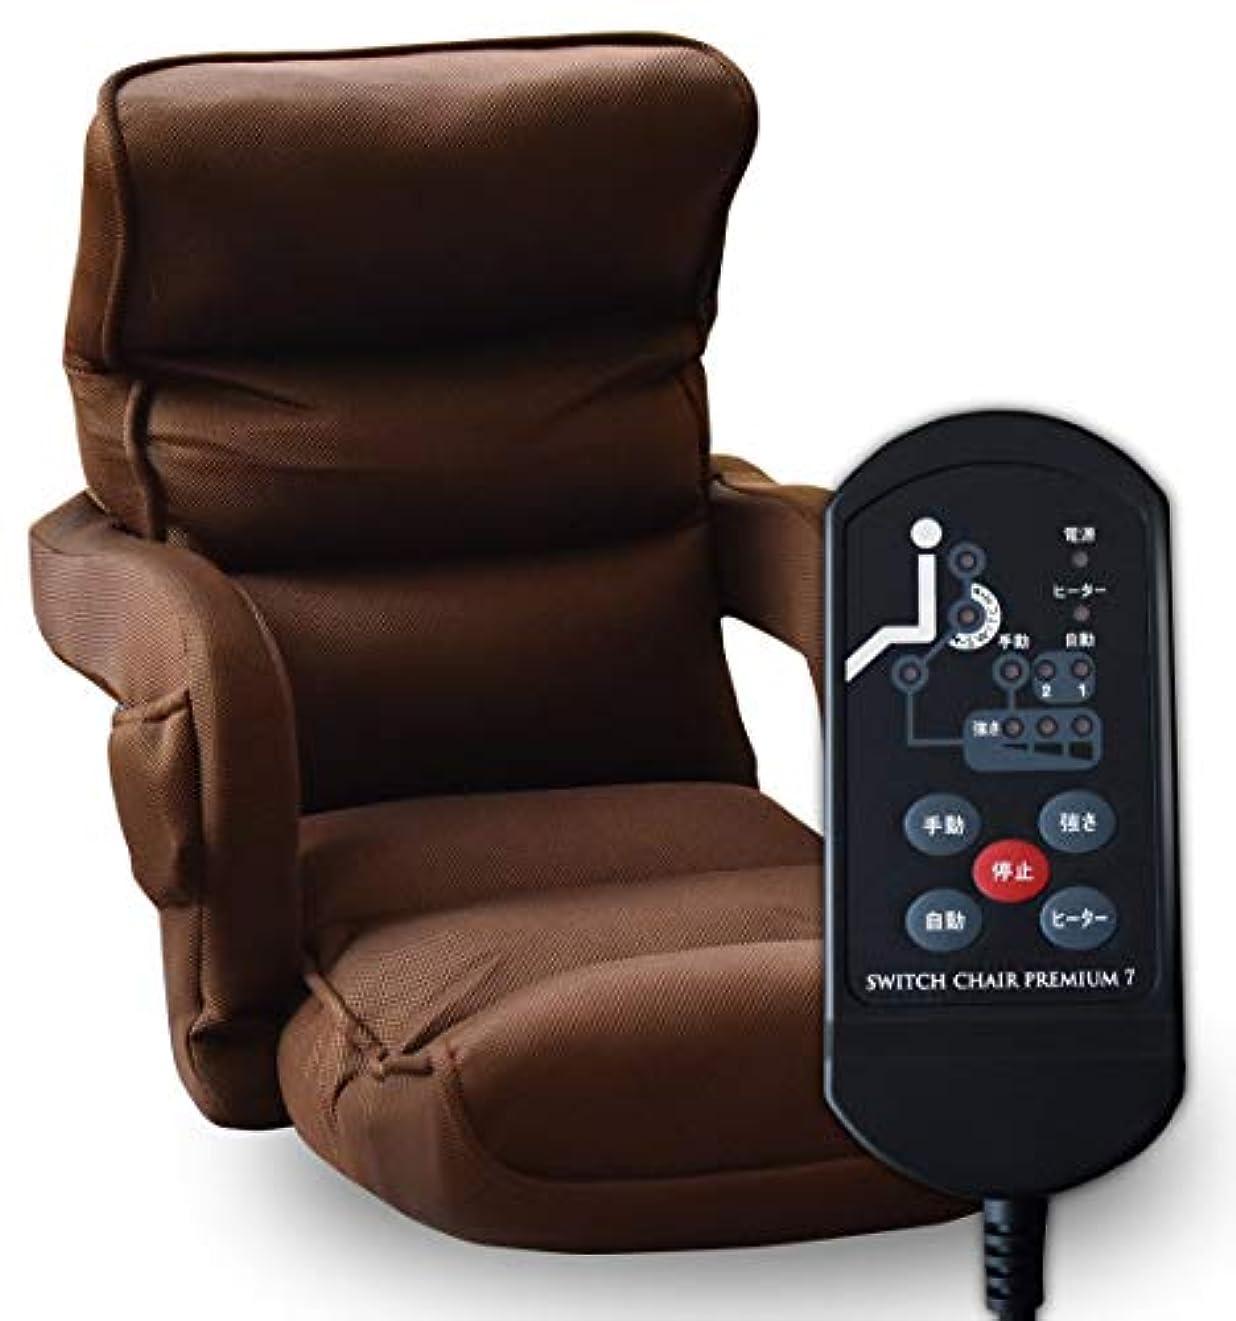 扇動裕福な使用法SWITCH CHAIR PREMIUM 7 マッサージ器 マッサージ機 肘掛け付き座椅子 マッサージ ヒーター 首 肩 腰 肩こり 背中 マッサージチェア ショコラブラウン